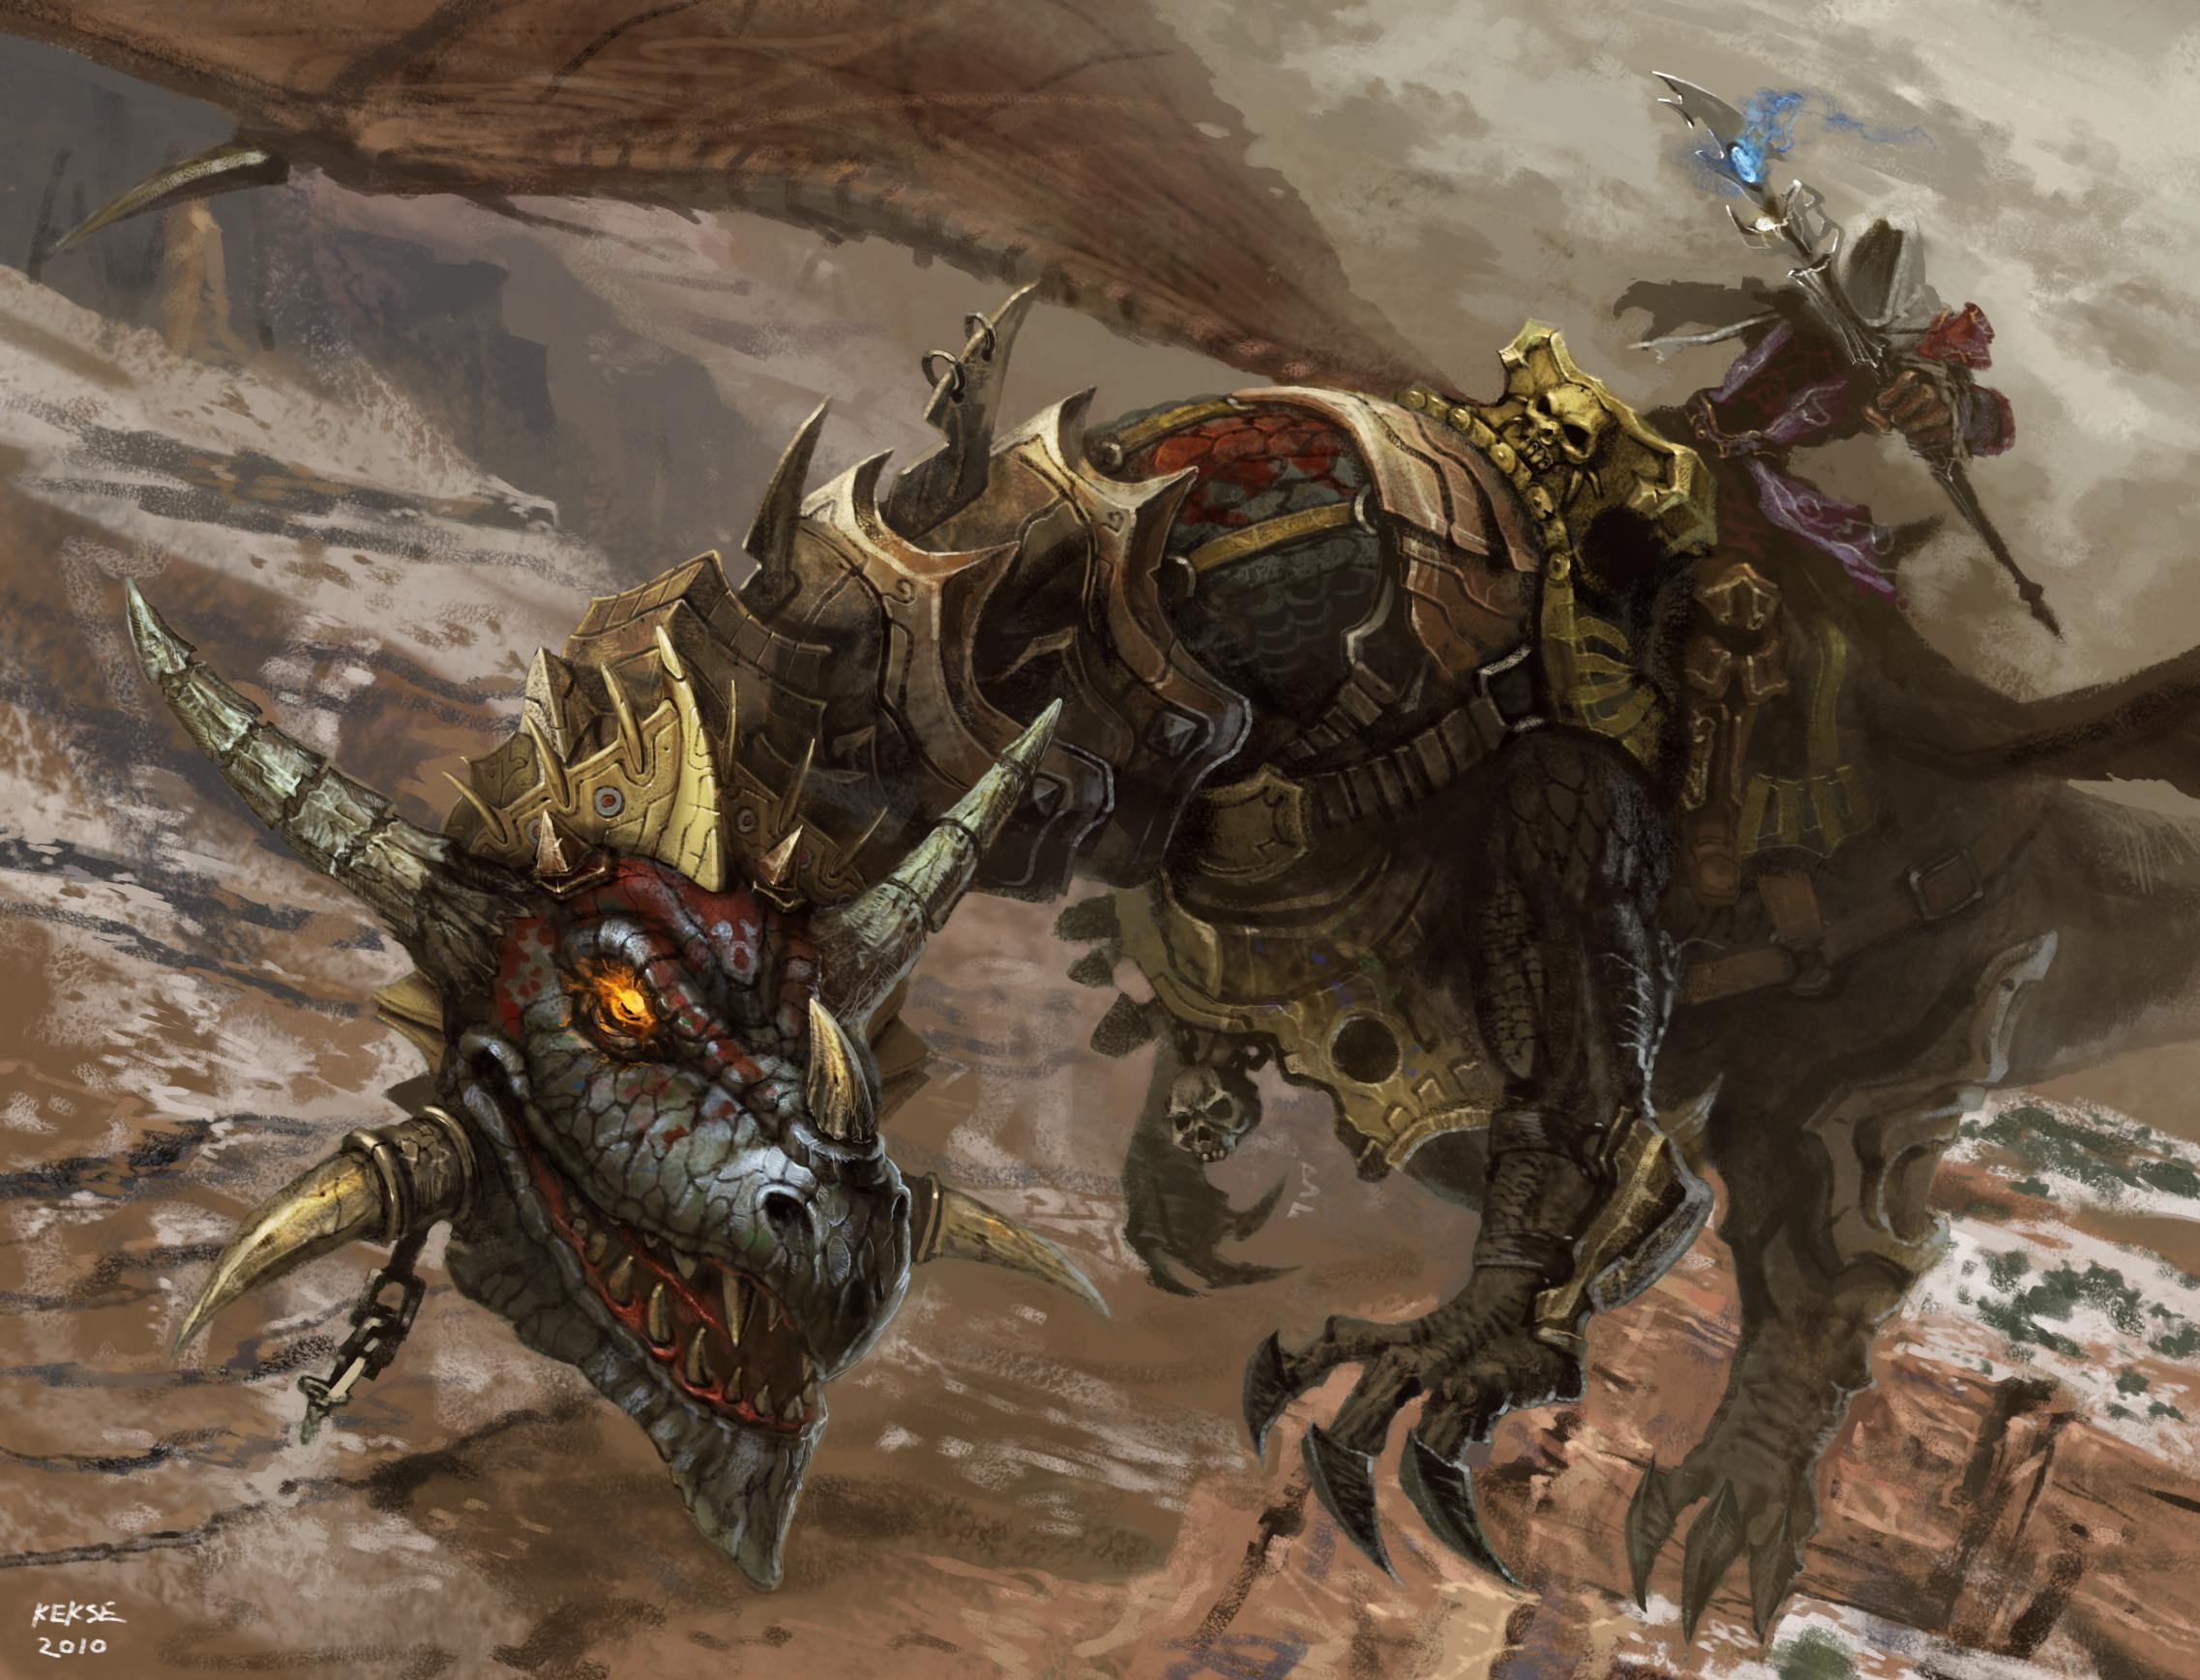 Armored Dragon Wallpaper Dragon Armor Horns Warrior